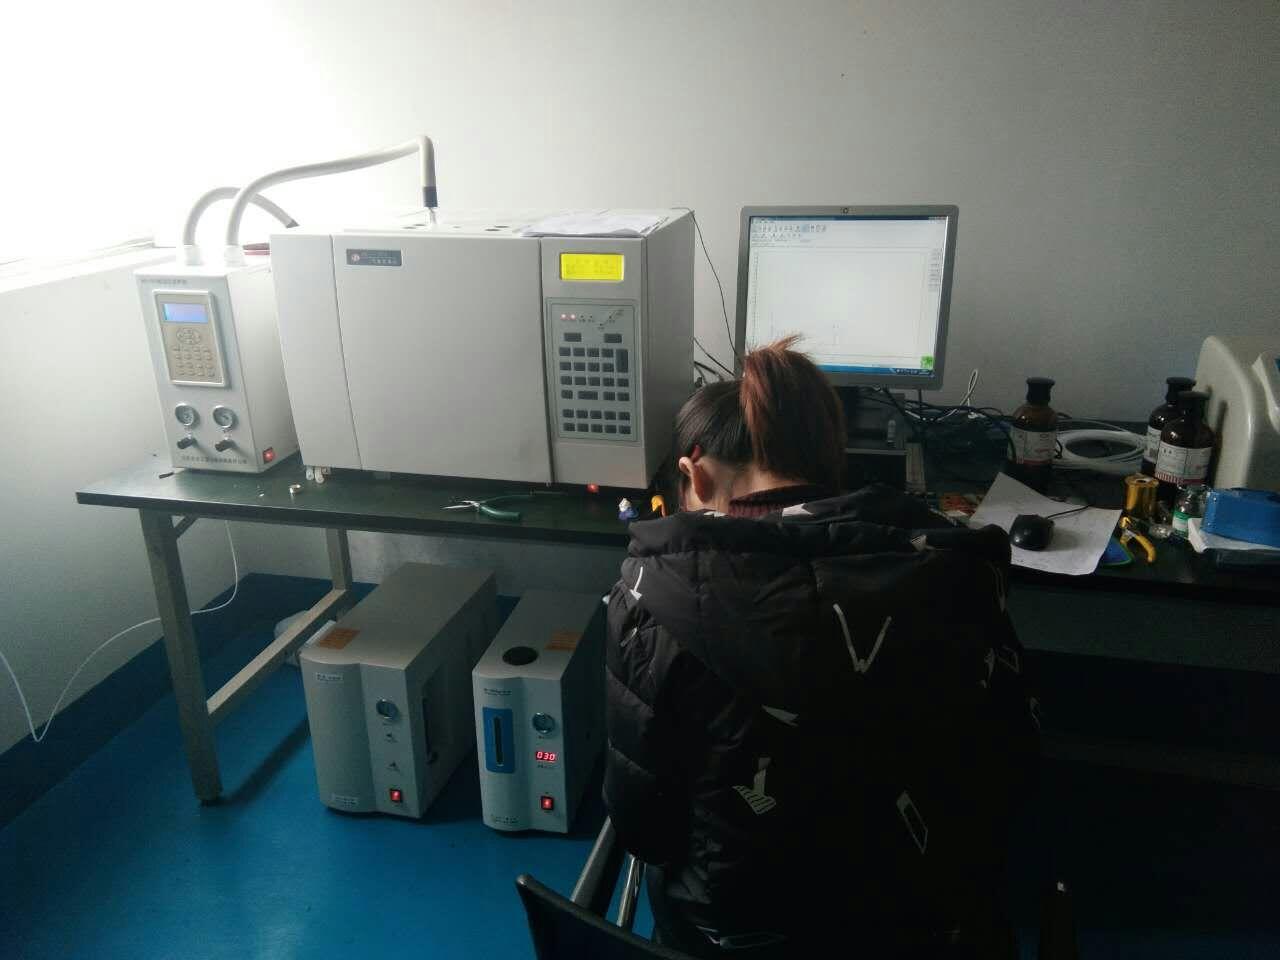 山东金普完成成都美益达气相色谱仪的安装调试工作